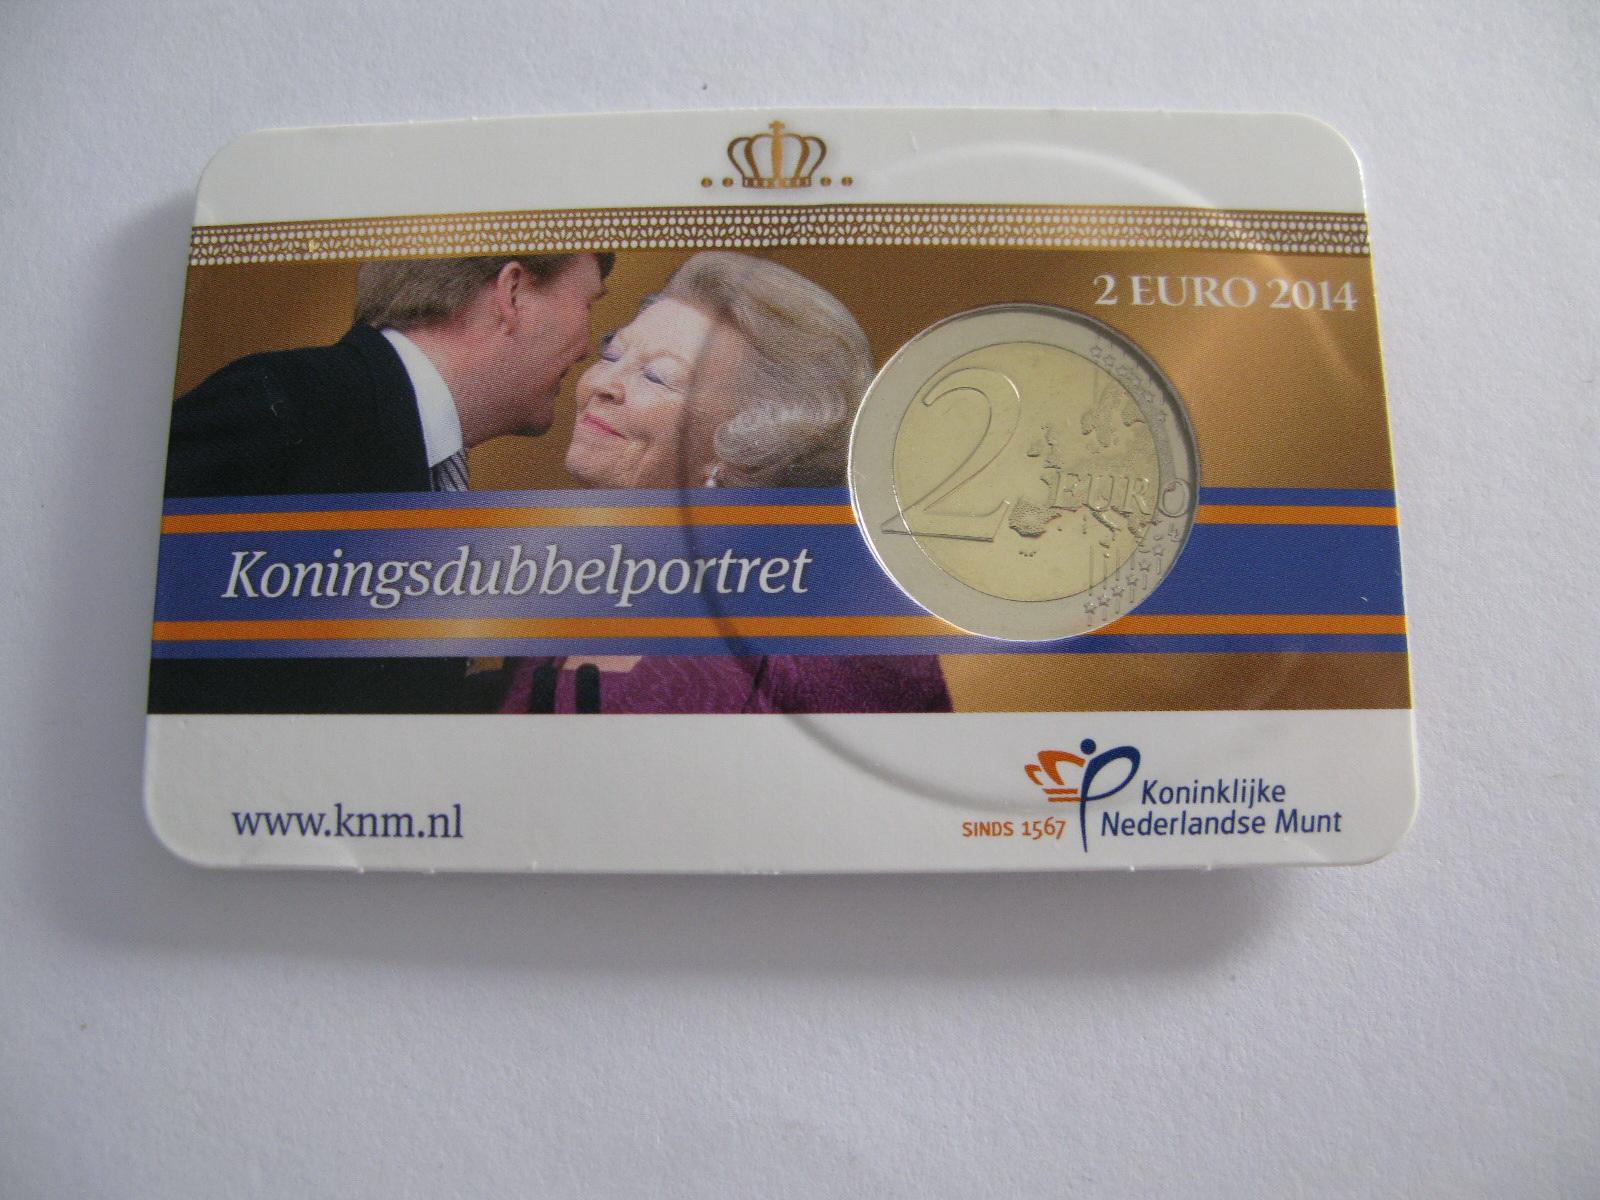 Нидерланды 2 евро 2014 г. Двойной портрет (в карточке)